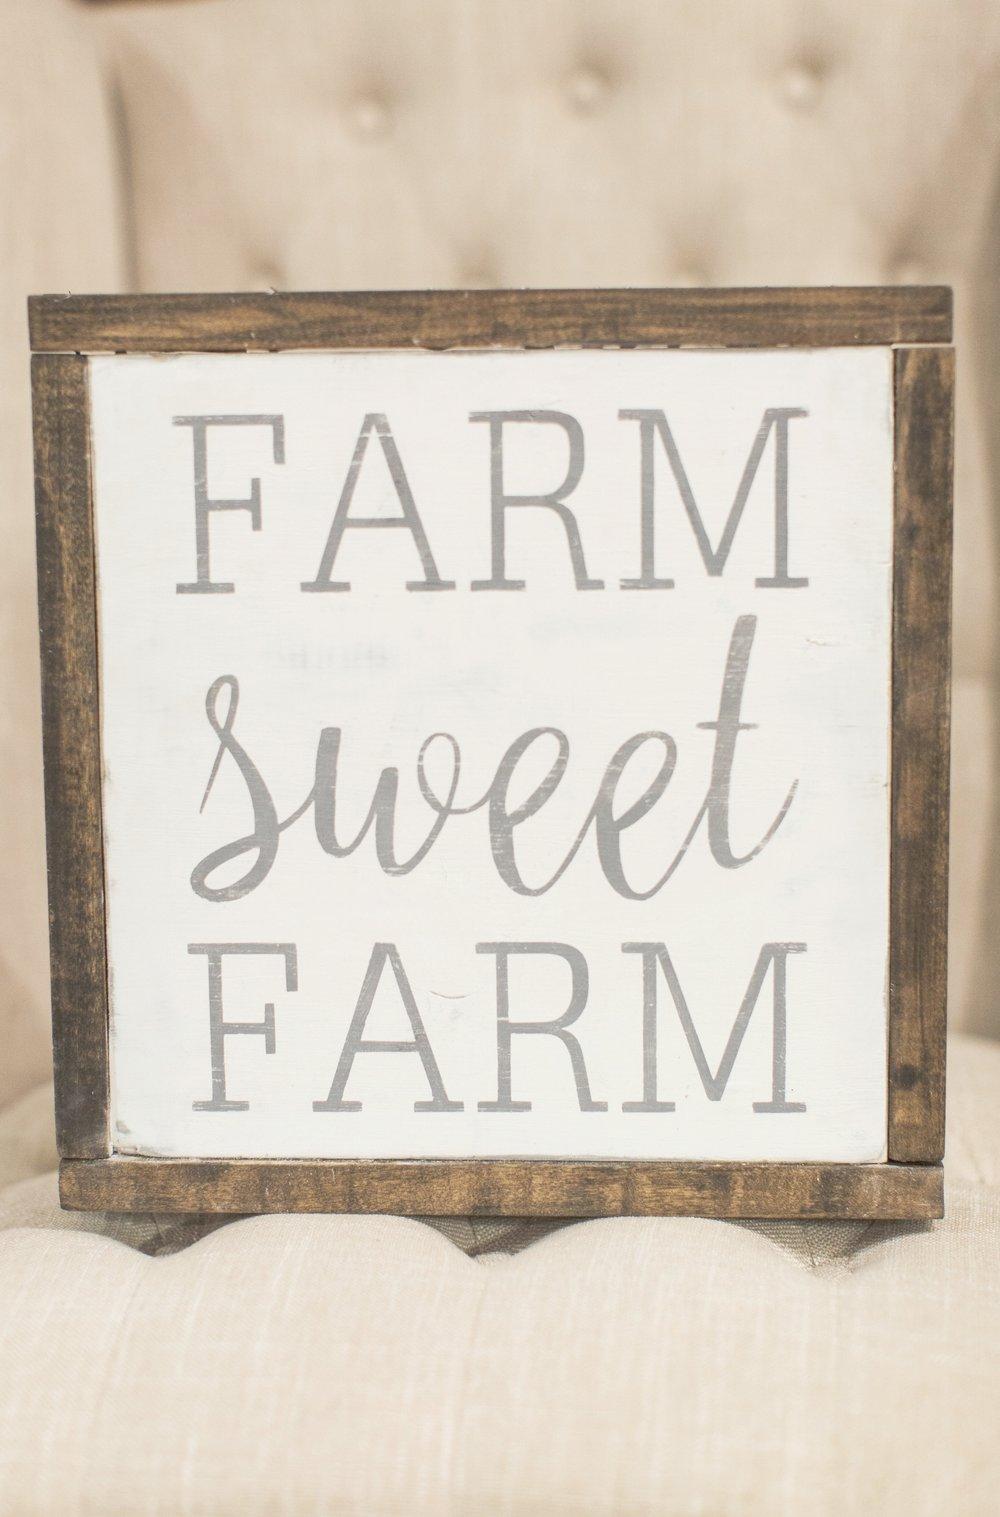 fall decor | farm sweet farm | handmade sign | stephanie lynn photography